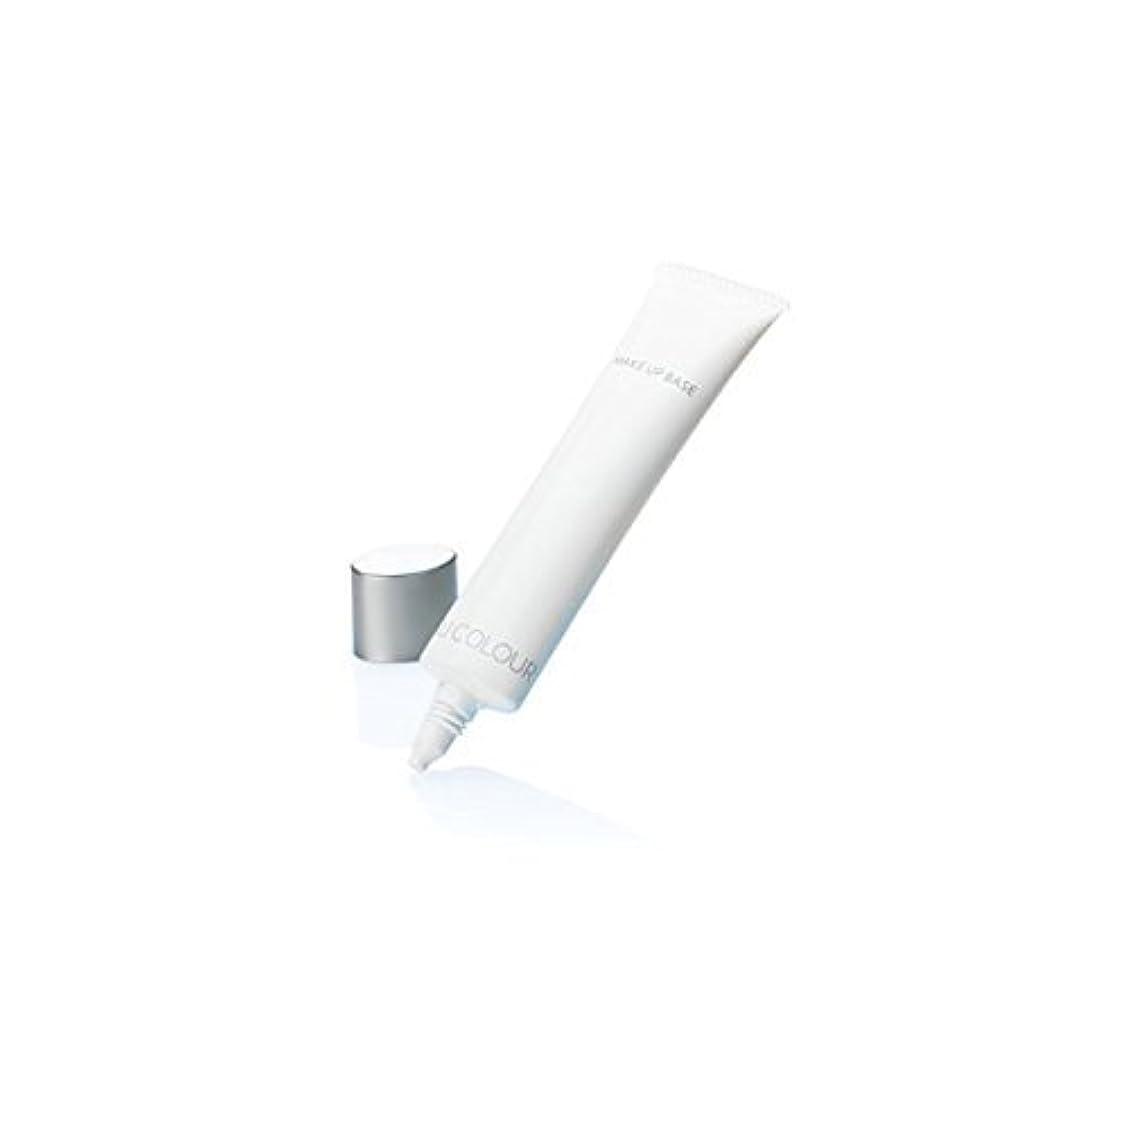 尽きる名前素晴らしさニュースキン NU SKIN UV メイクアップ ベース SPF18?PA++ クリア 03160813